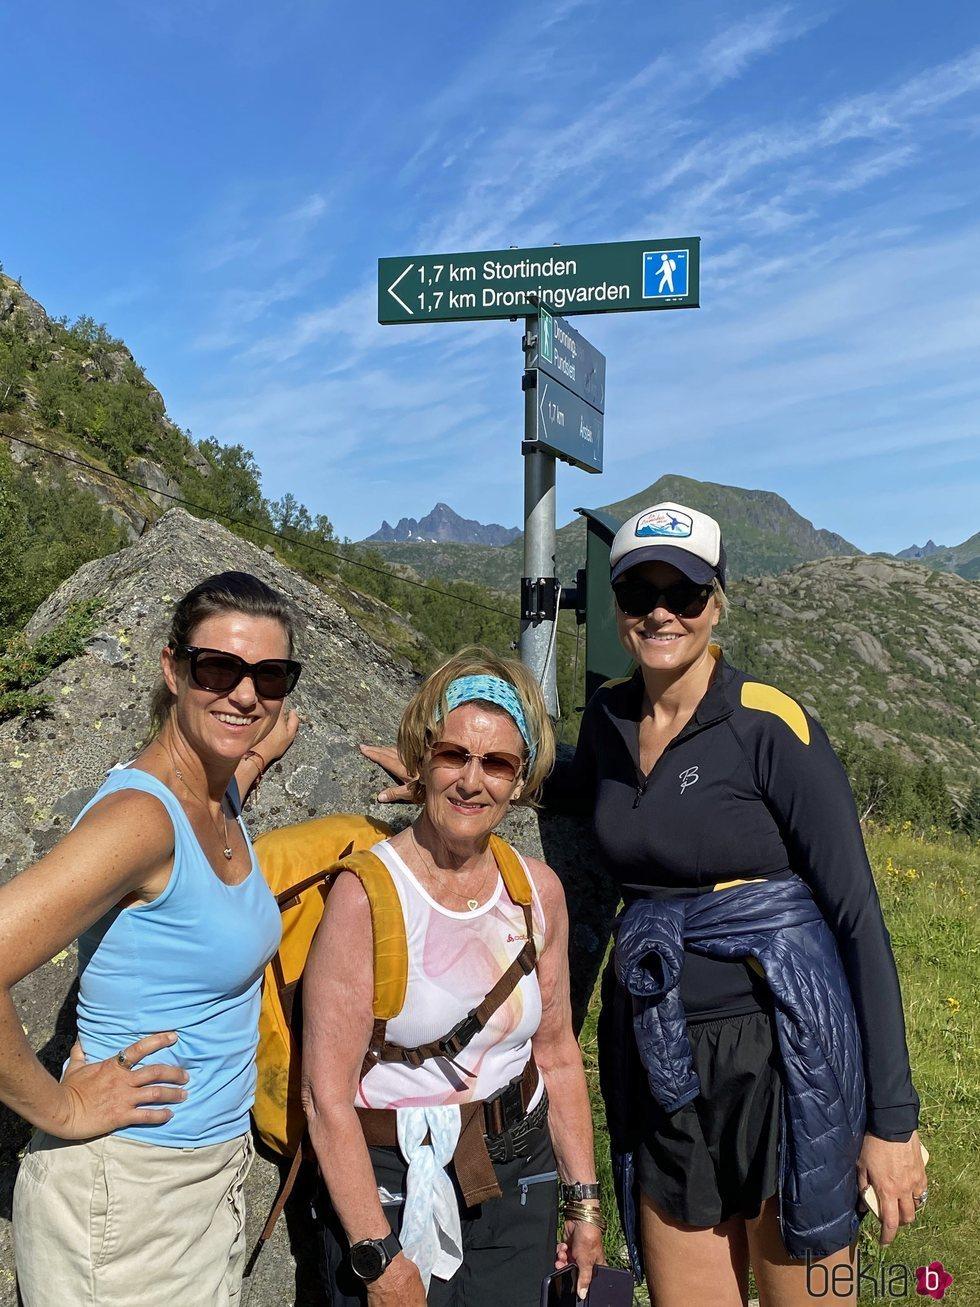 Sonia de Noruega, Mette-Marit de Noruega y Marta Luisa de Noruega subiendo a Dronningvarden